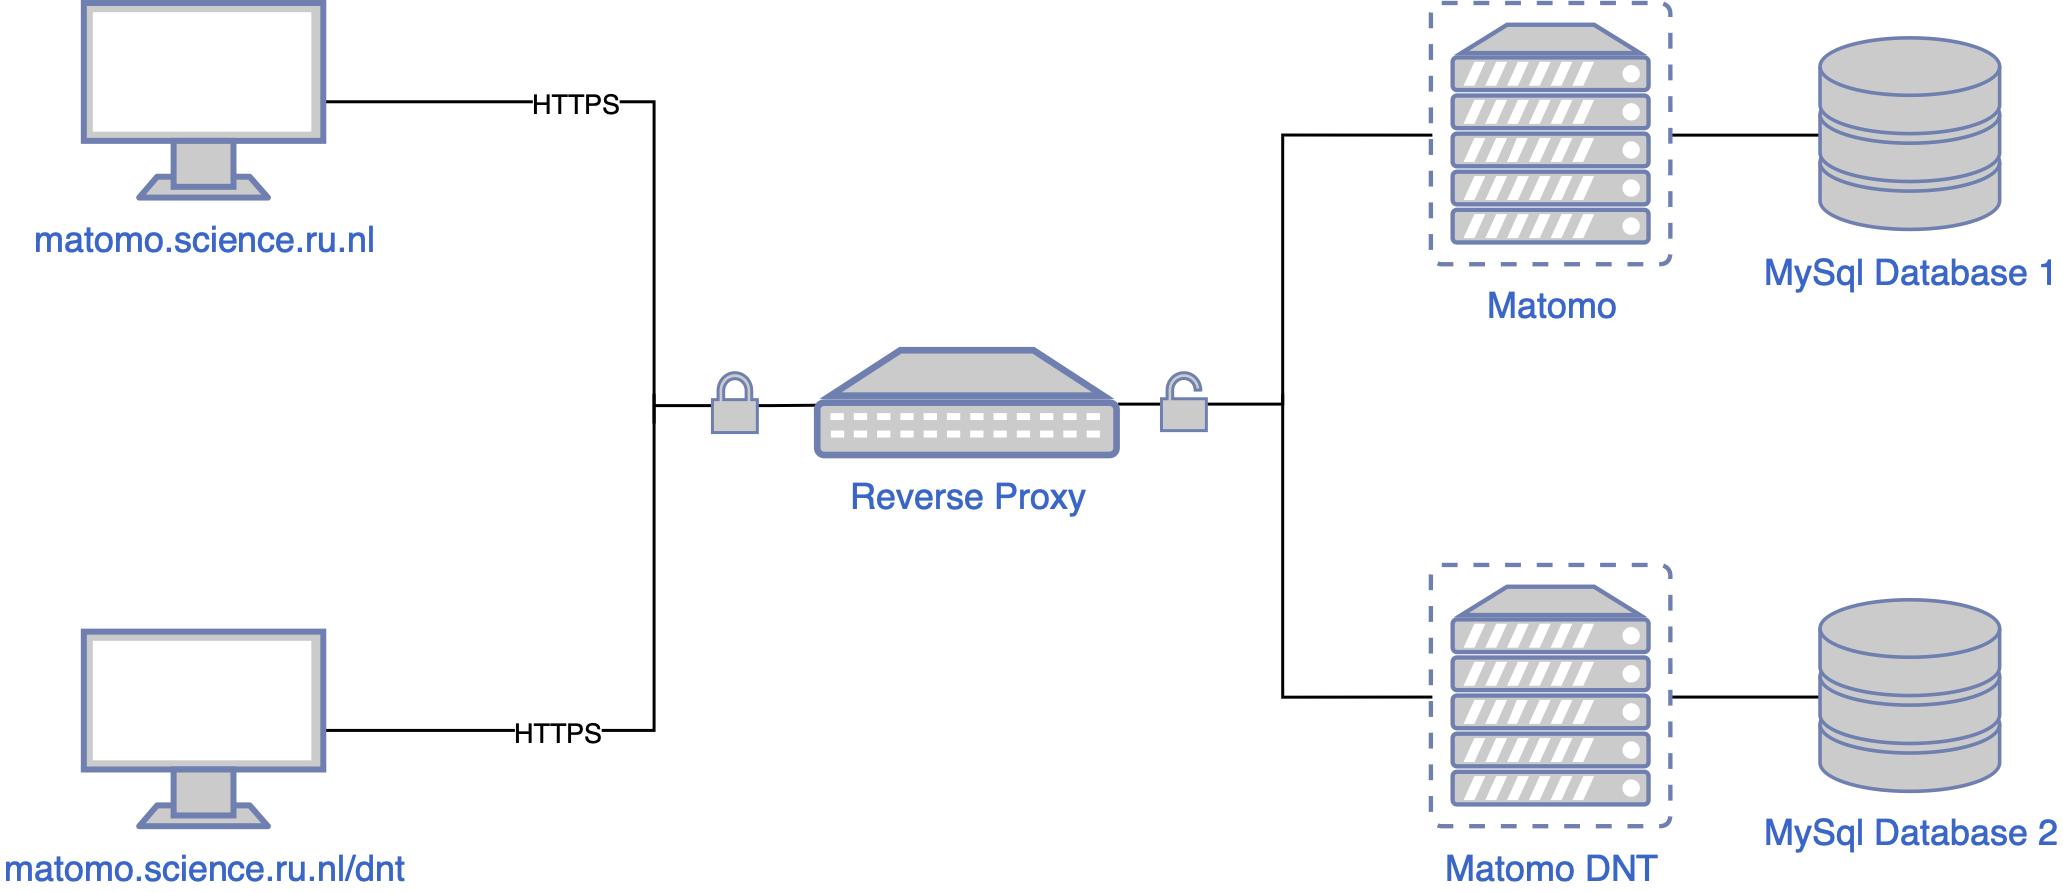 img/setup/reverse_proxy.png